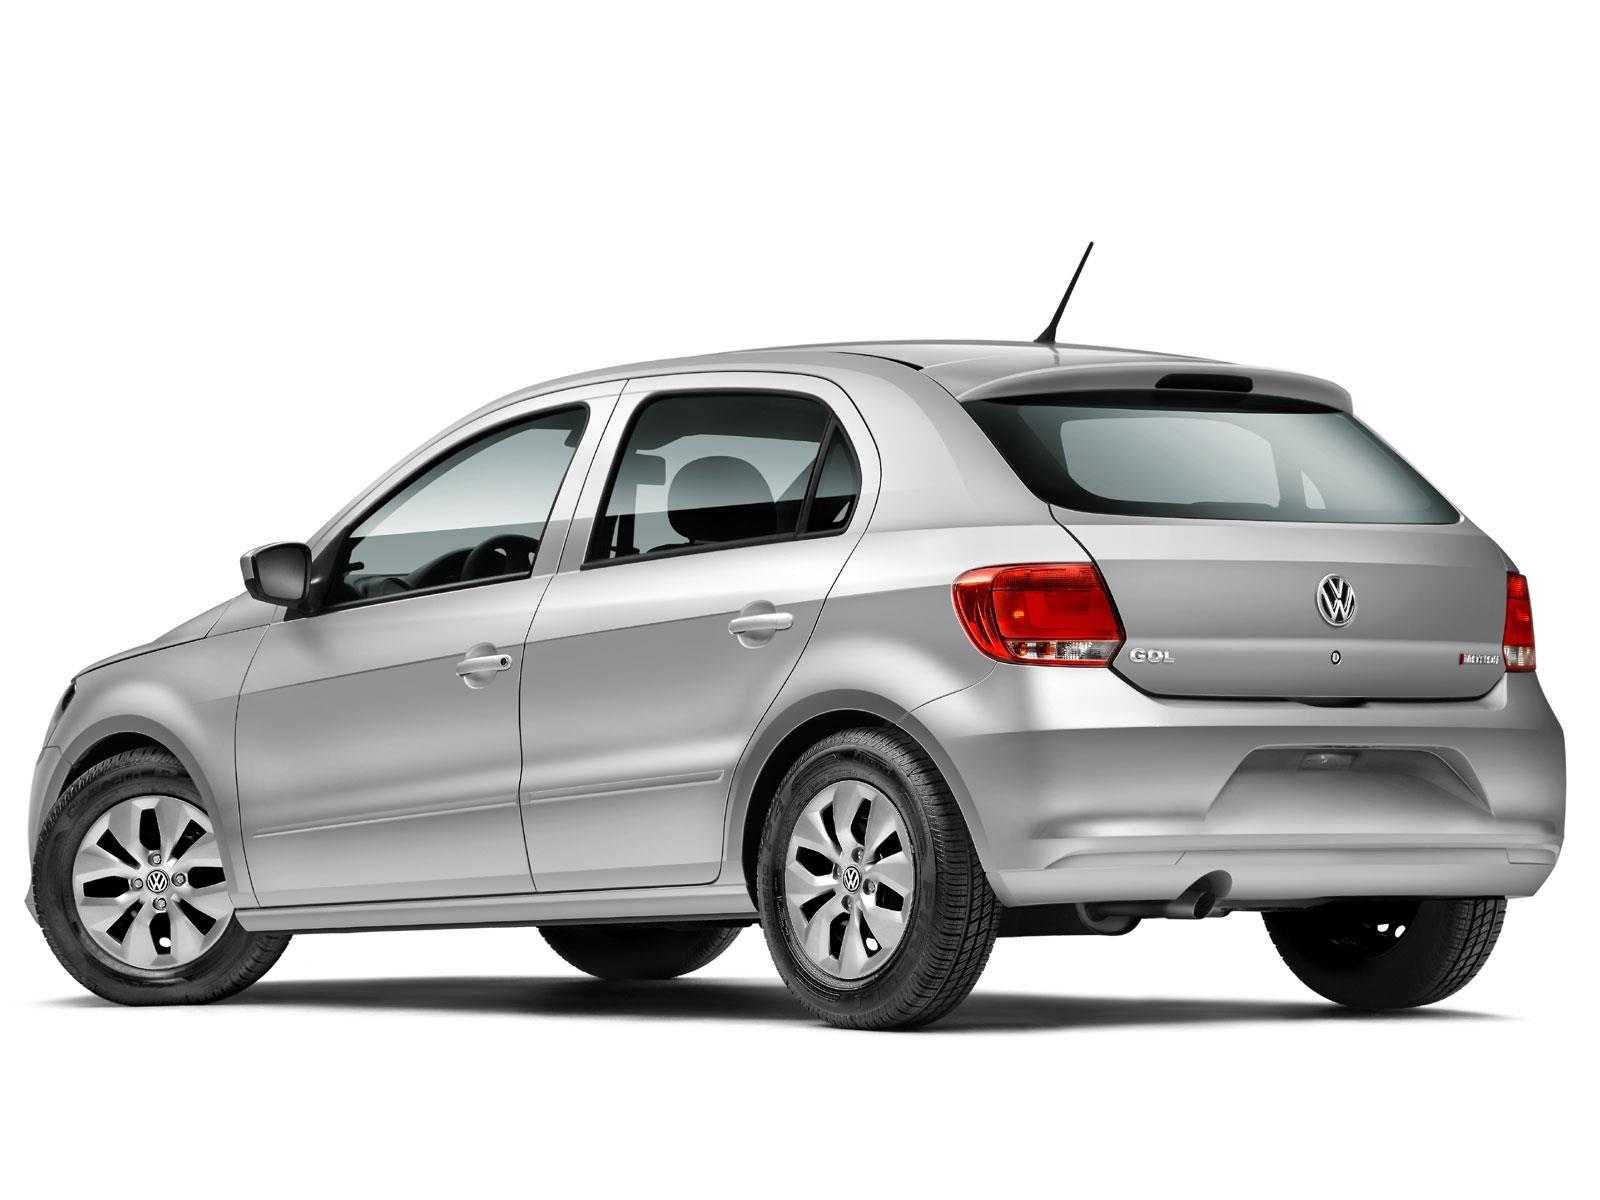 Volkswagen Gol 2015 Llega A M 233 Xico Desde 167 600 Pesos